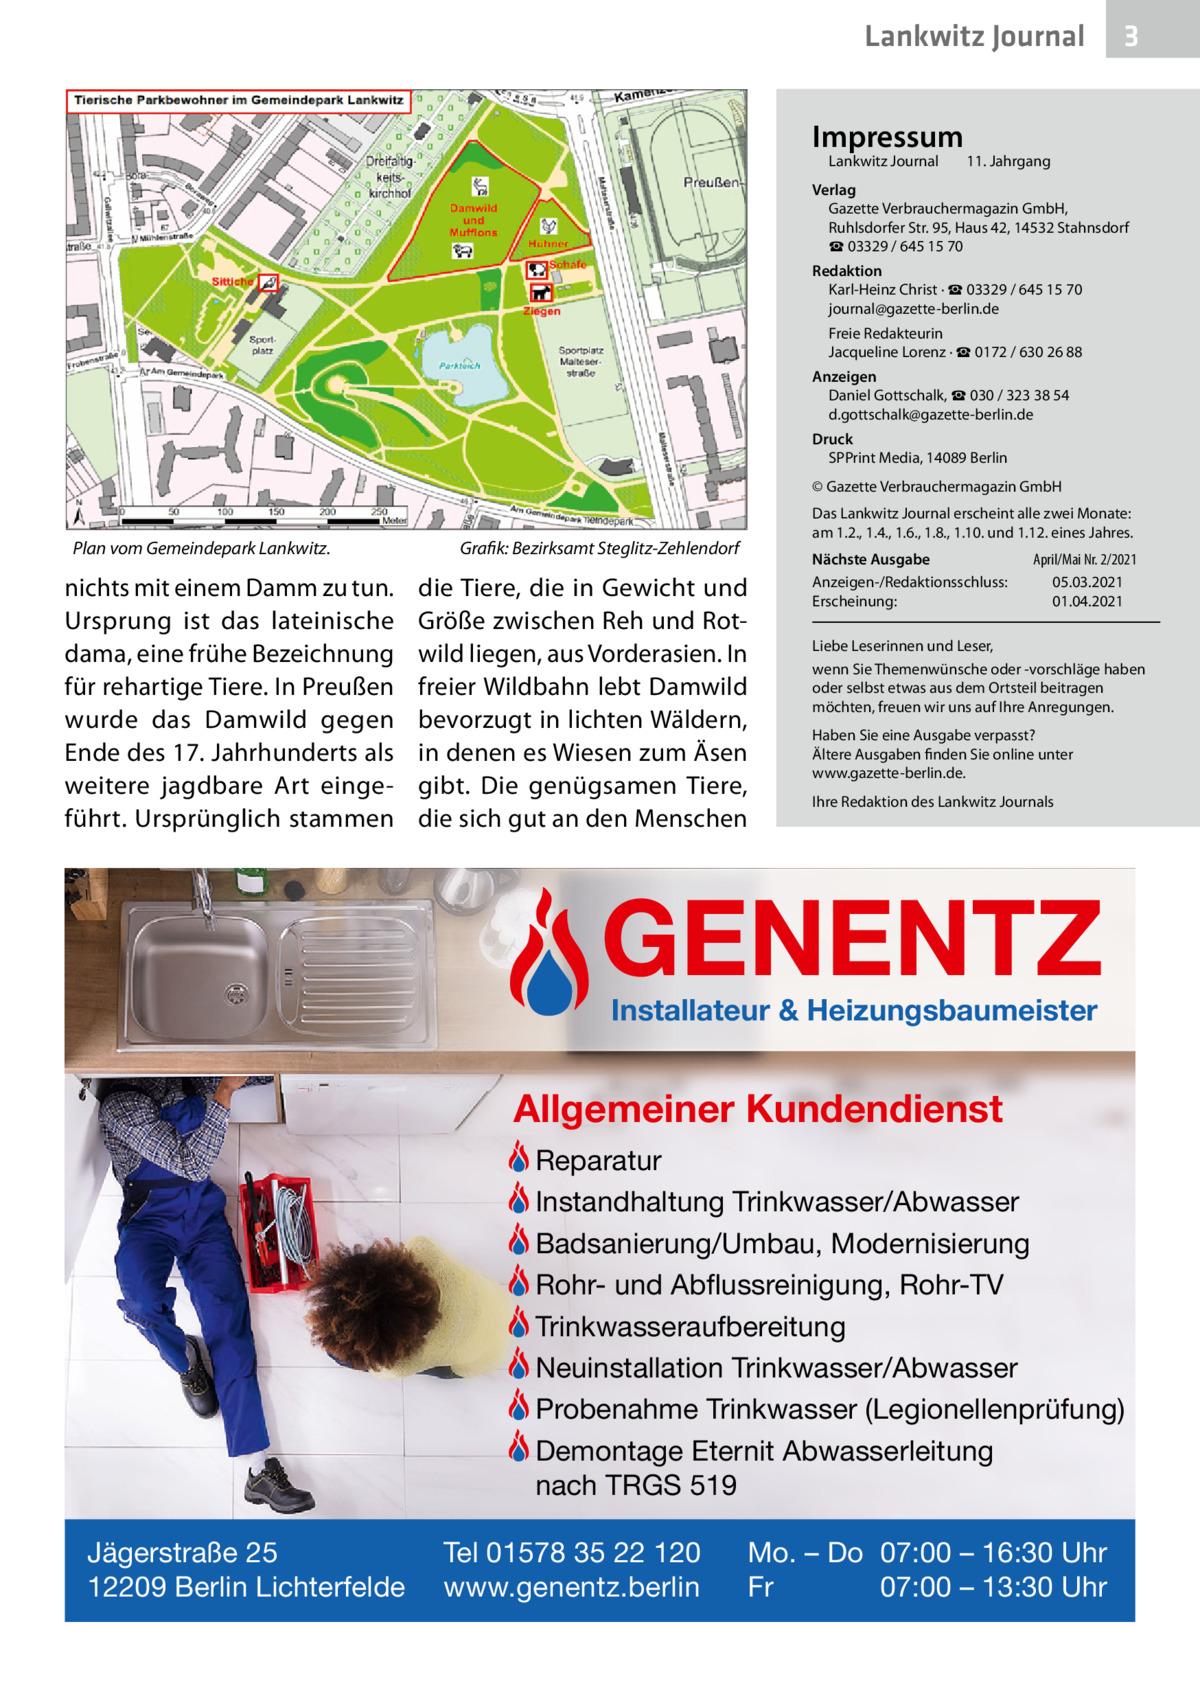 Lankwitz Journal Impressum Lankwitz Journal  3  11. Jahrgang  Verlag Gazette Verbrauchermagazin GmbH, RuhlsdorferStr.95, Haus 42, 14532 Stahnsdorf ☎ 03329 / 645 15 70 Redaktion Karl-Heinz Christ · ☎ 03329 / 645 15 70 journal@gazette-berlin.de Freie Redakteurin Jacqueline Lorenz · ☎ 0172 /6302688 Anzeigen Daniel Gottschalk, ☎ 030 / 323 38 54 d.gottschalk@gazette-berlin.de Druck SPPrint Media, 14089Berlin © Gazette Verbrauchermagazin GmbH  Plan vom Gemeindepark Lankwitz.  nichts mit einem Damm zu tun. Ursprung ist das lateinische dama, eine frühe Bezeichnung für rehartige Tiere. In Preußen wurde das Damwild gegen Ende des 17.Jahrhunderts als weitere jagdbare Art eingeführt. Ursprünglich stammen  Das Lankwitz Journal erscheint alle zwei Monate: am 1.2., 1.4., 1.6., 1.8., 1.10. und 1.12. eines Jahres.  Grafik: Bezirksamt Steglitz-Zehlendorf  die Tiere, die in Gewicht und Größe zwischen Reh und Rotwild liegen, aus Vorderasien. In freier Wildbahn lebt Damwild bevorzugt in lichten Wäldern, in denen es Wiesen zum Äsen gibt. Die genügsamen Tiere, die sich gut an den Menschen  Nächste Ausgabe Anzeigen-/Redaktionsschluss: Erscheinung:  April/Mai Nr. 2/2021 05.03.2021 01.04.2021  Liebe Leserinnen und Leser, wenn Sie Themenwünsche oder -vorschläge haben oder selbst etwas aus dem Ortsteil beitragen möchten, freuen wir uns auf Ihre Anregungen. Haben Sie eine Ausgabe verpasst? Ältere Ausgaben finden Sie online unter www.gazette-berlin.de. Ihre Redaktion des Lankwitz Journals  GENENTZ Installateur & Heizungsbaumeister  Allgemeiner Kundendienst Reparatur Instandhaltung Trinkwasser/Abwasser Badsanierung/Umbau, Modernisierung Rohr- und Abflussreinigung, Rohr-TV Trinkwasseraufbereitung Neuinstallation Trinkwasser/Abwasser Probenahme Trinkwasser (Legionellenprüfung) Demontage Eternit Abwasserleitung nach TRGS 519 Jägerstraße 25 12209 Berlin Lichterfelde  Tel 01578 35 22 120 www.genentz.berlin  Mo. – Do 07:00 – 16:30 Uhr Fr 07:00 – 13:30 Uhr